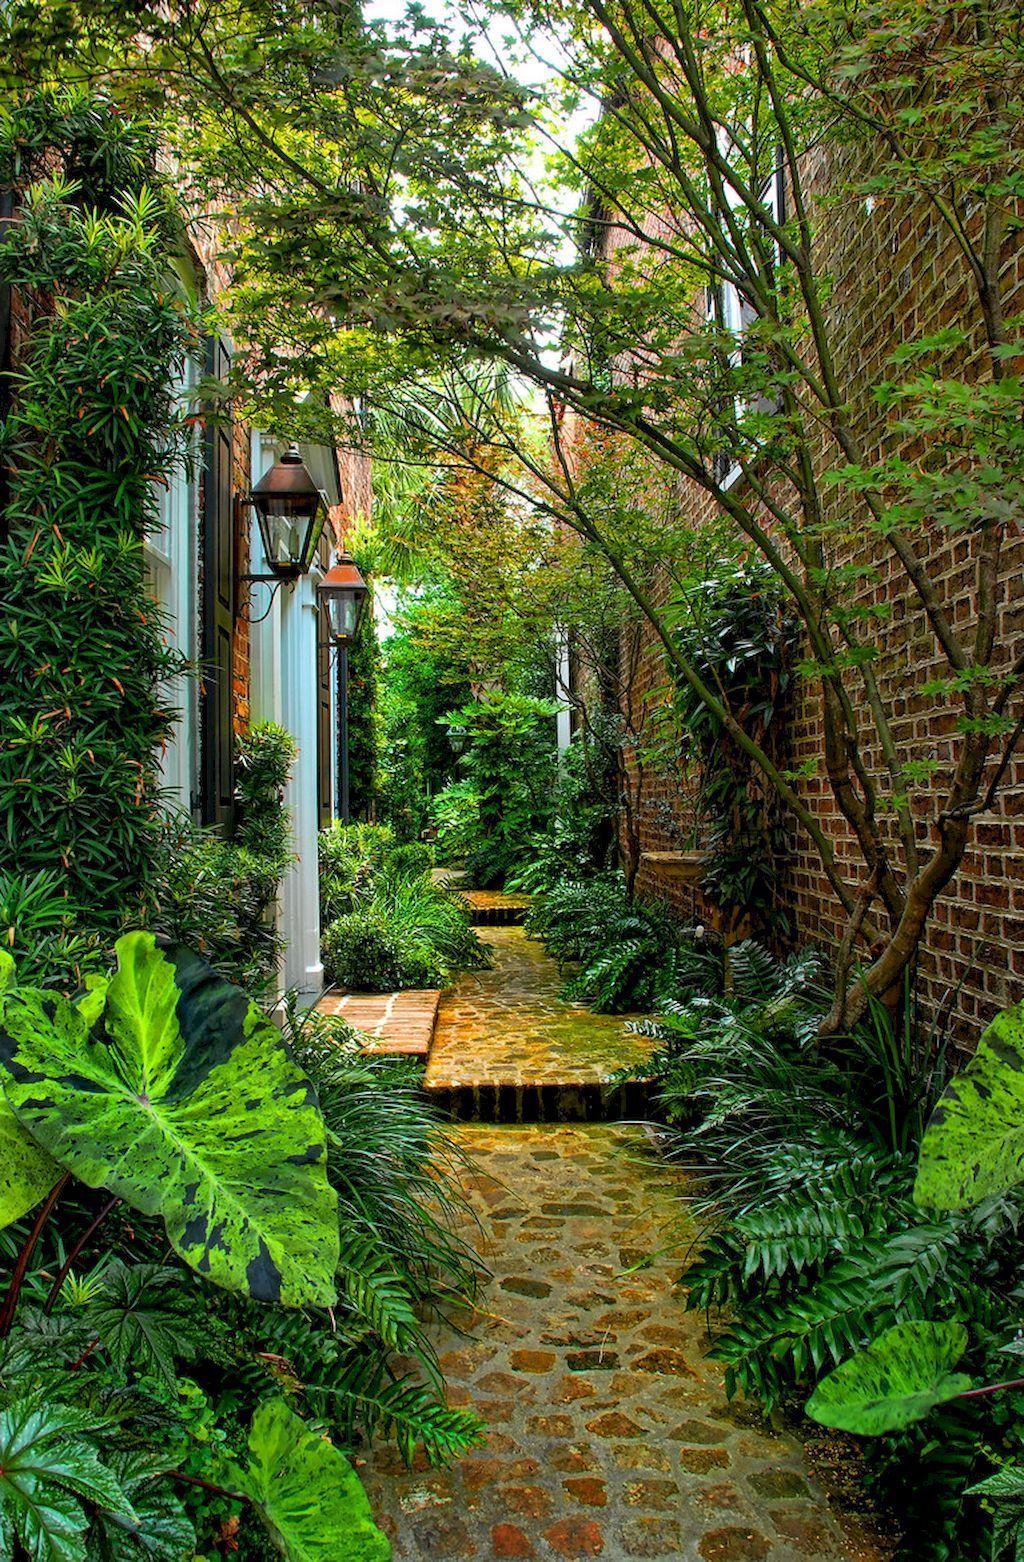 90 beautiful side yard garden decor ideas (28) | Side yard ... on Small Side Yard Ideas id=79900